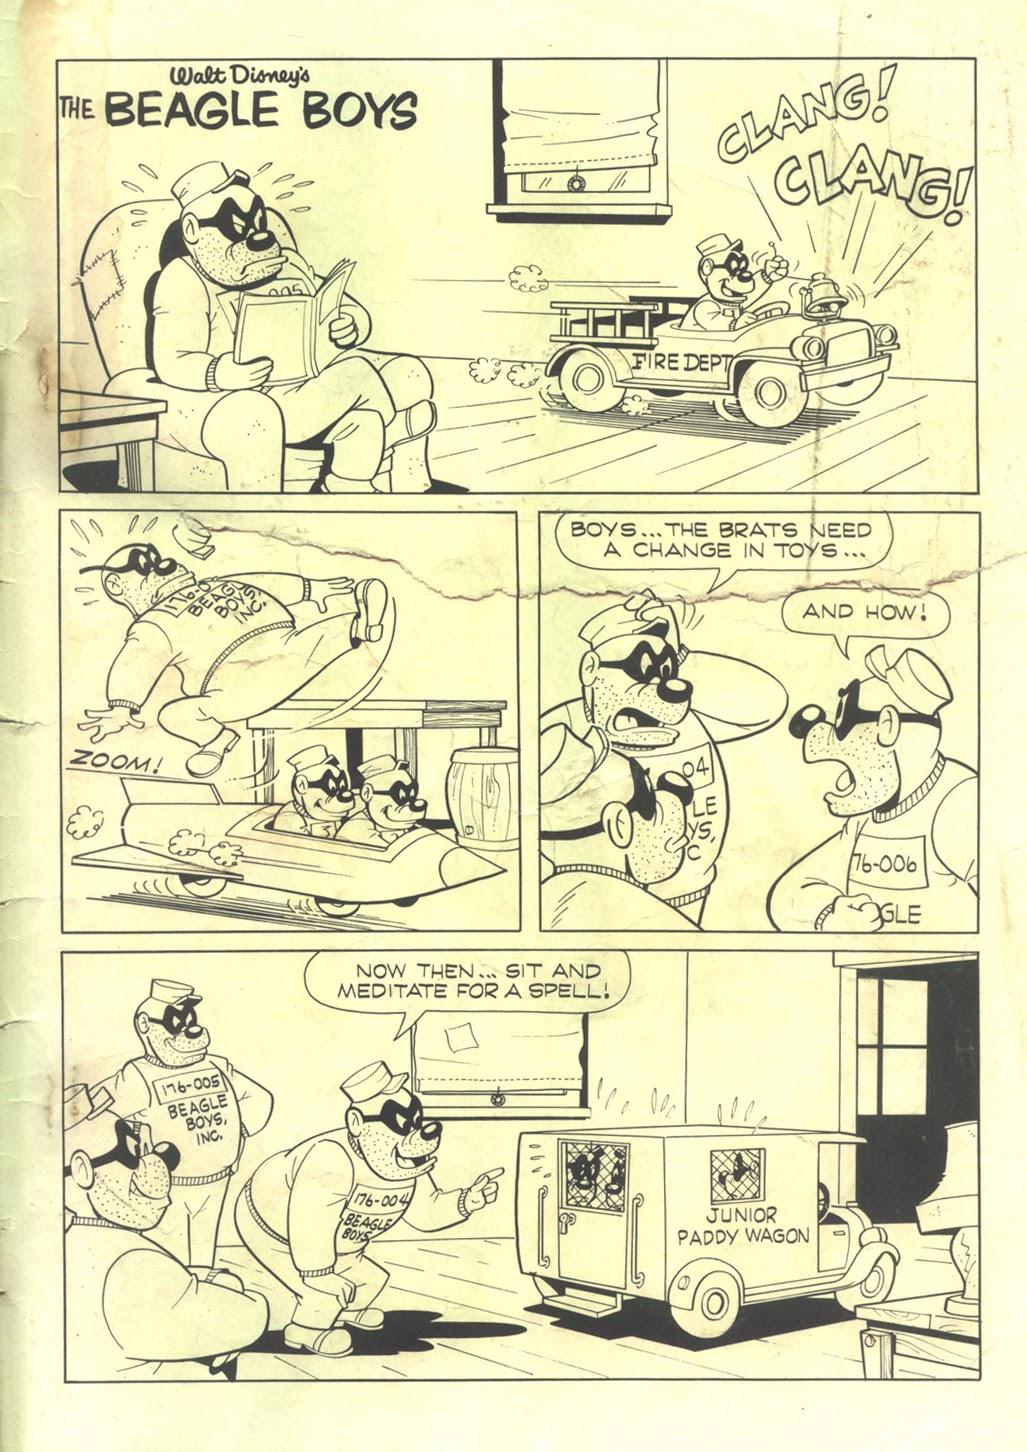 Walt Disney THE BEAGLE BOYS issue 2 - Page 35